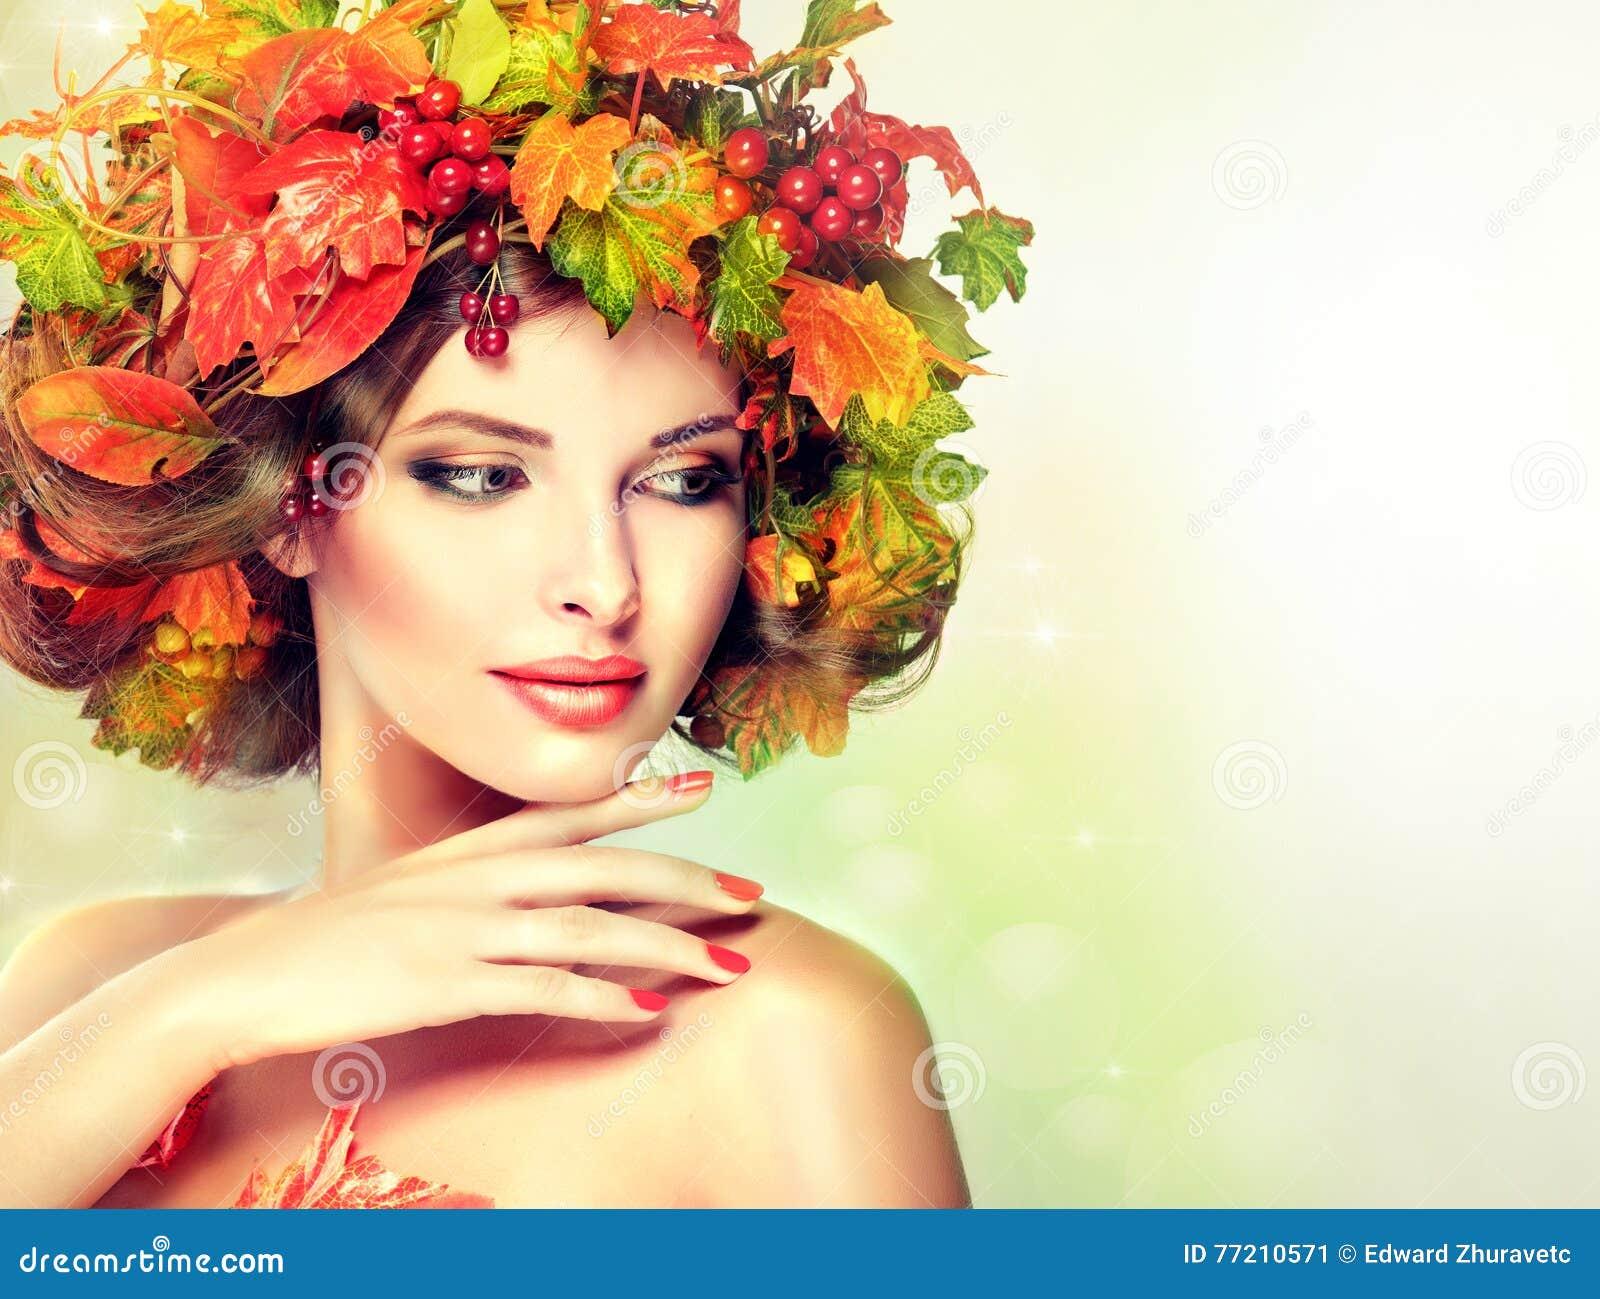 Höststil, ljus makeup, röd manikyr och läppstift